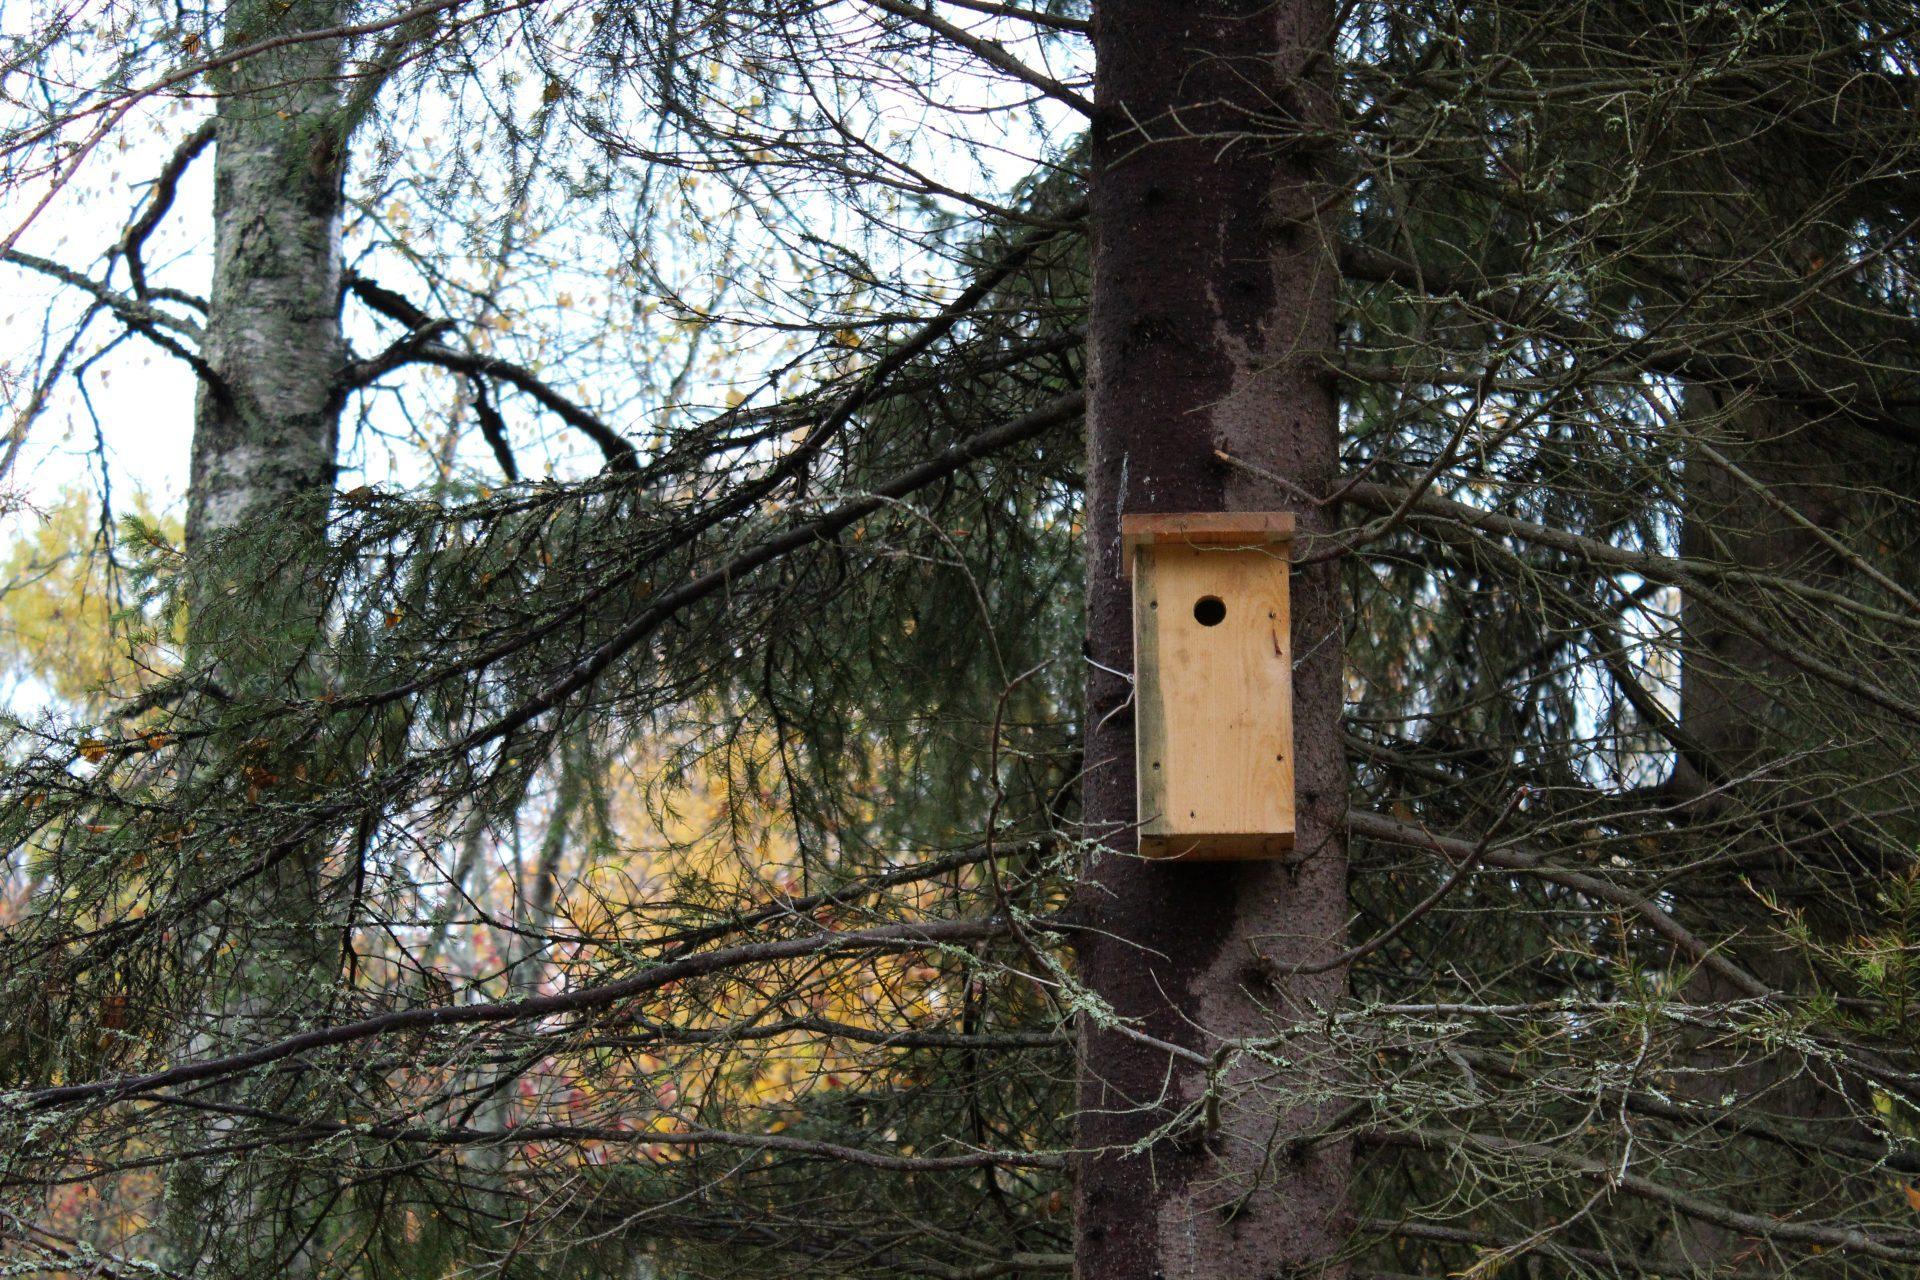 Kiikelissä on satoja talkootyönä tehtyjä linnunpönttöjä.